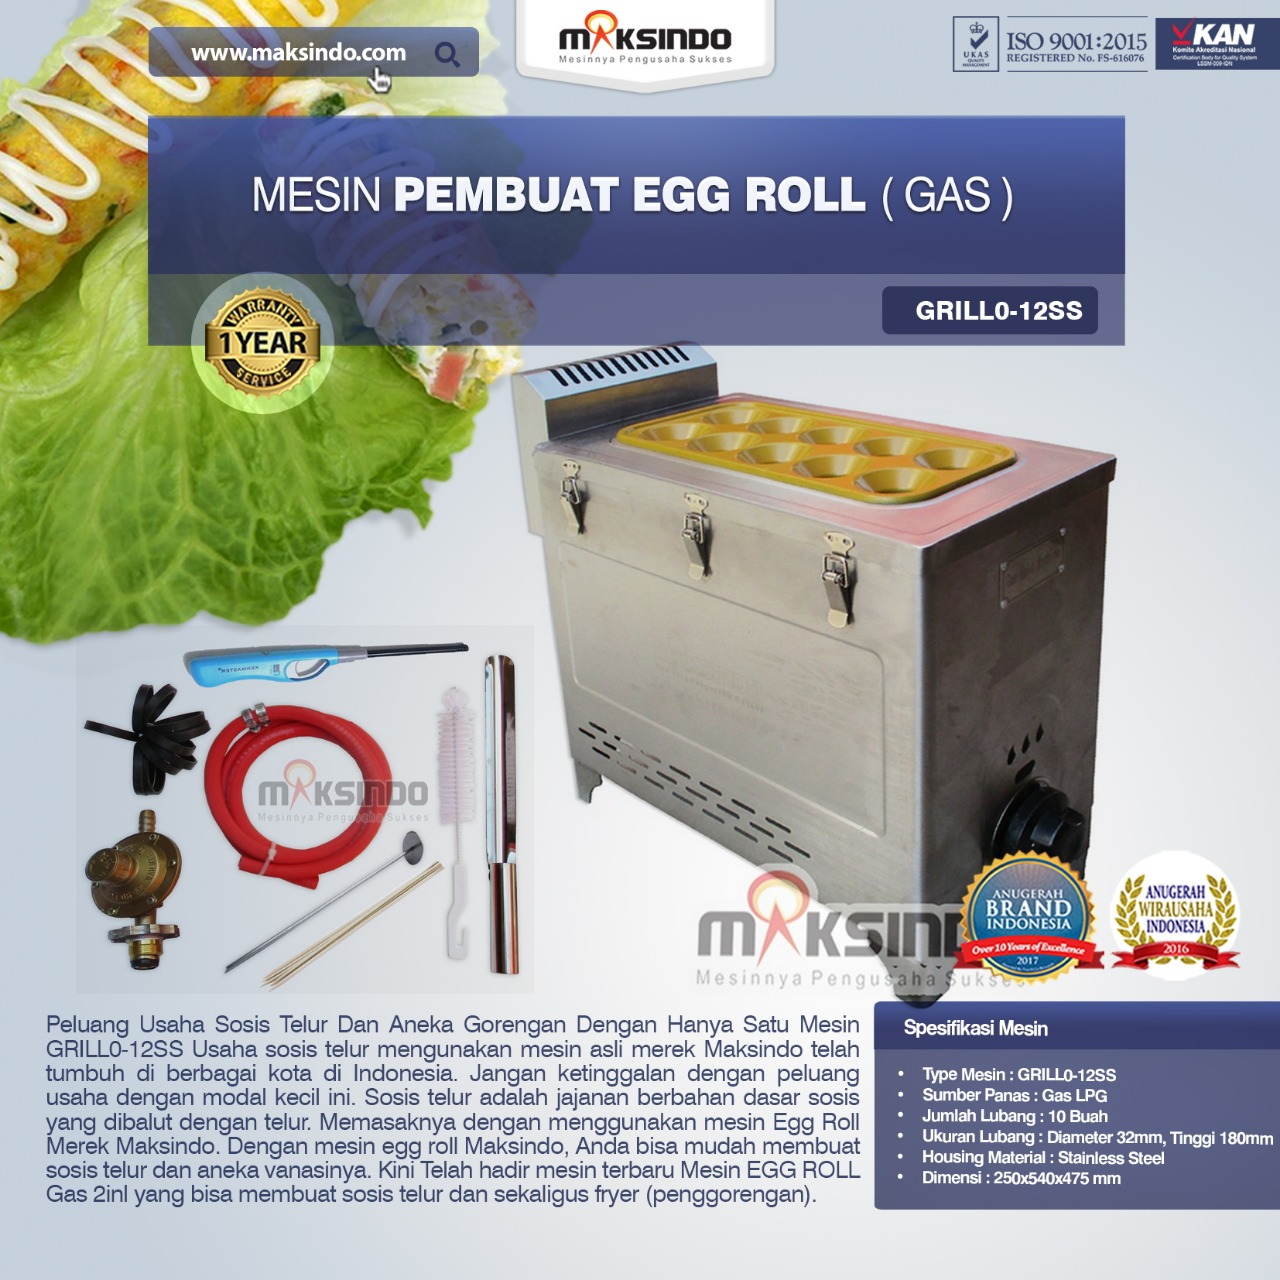 Jual Mesin Pembuat Egg Roll (Gas) GRILLO-12SS di Semarang